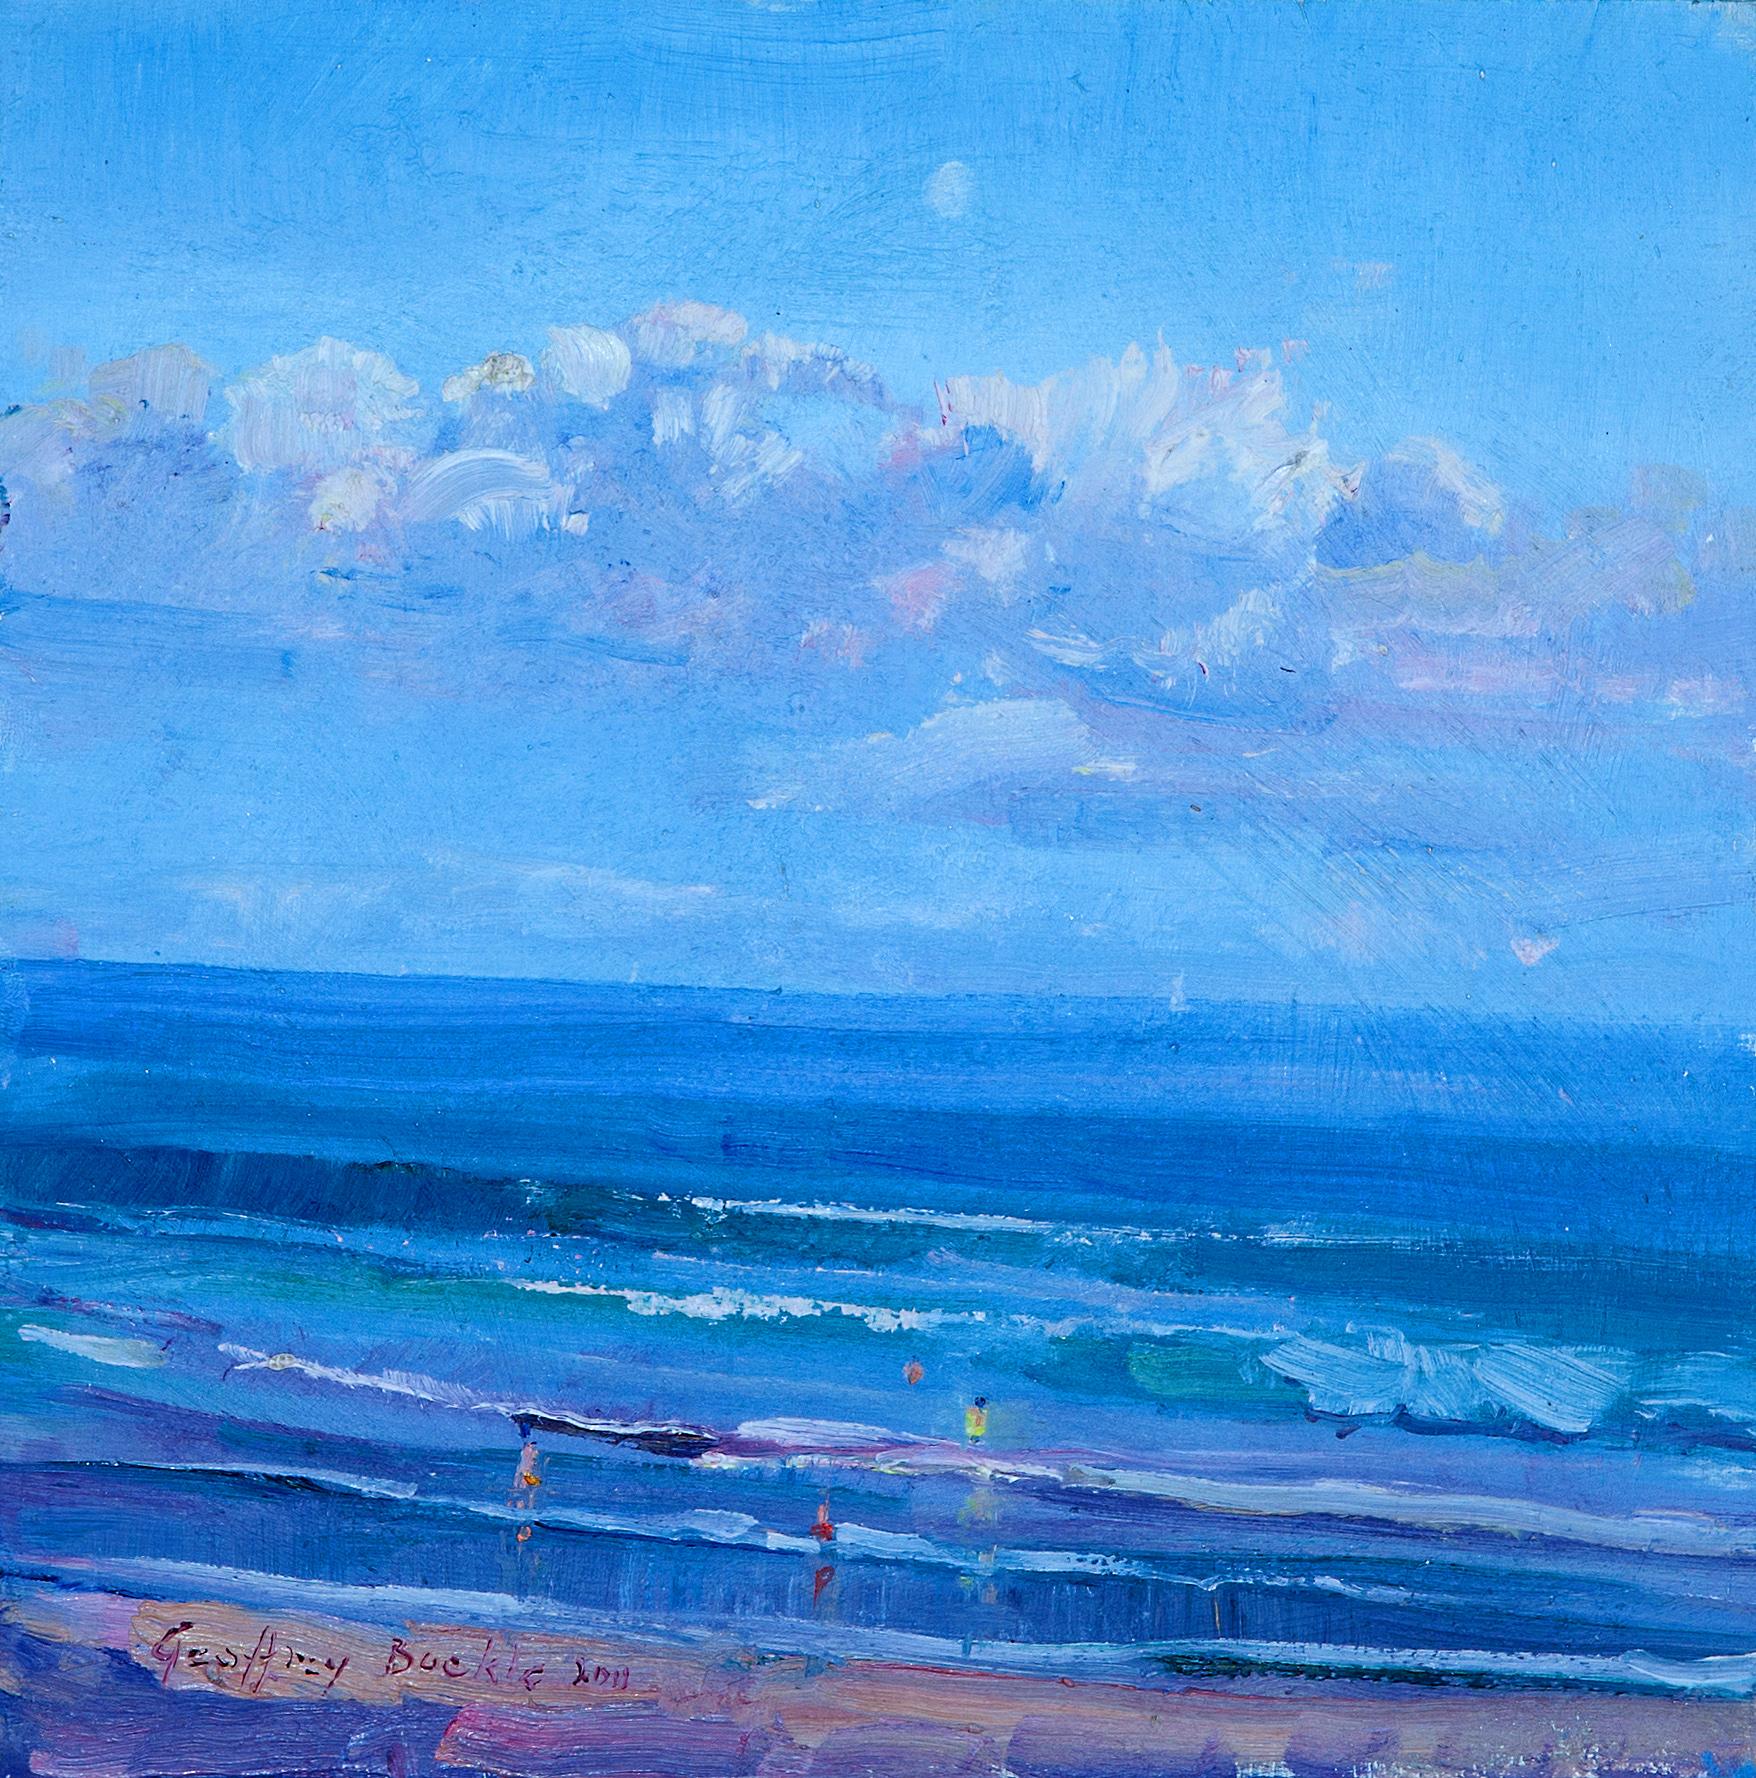 Afternoon Swim, Narrabeen Beach